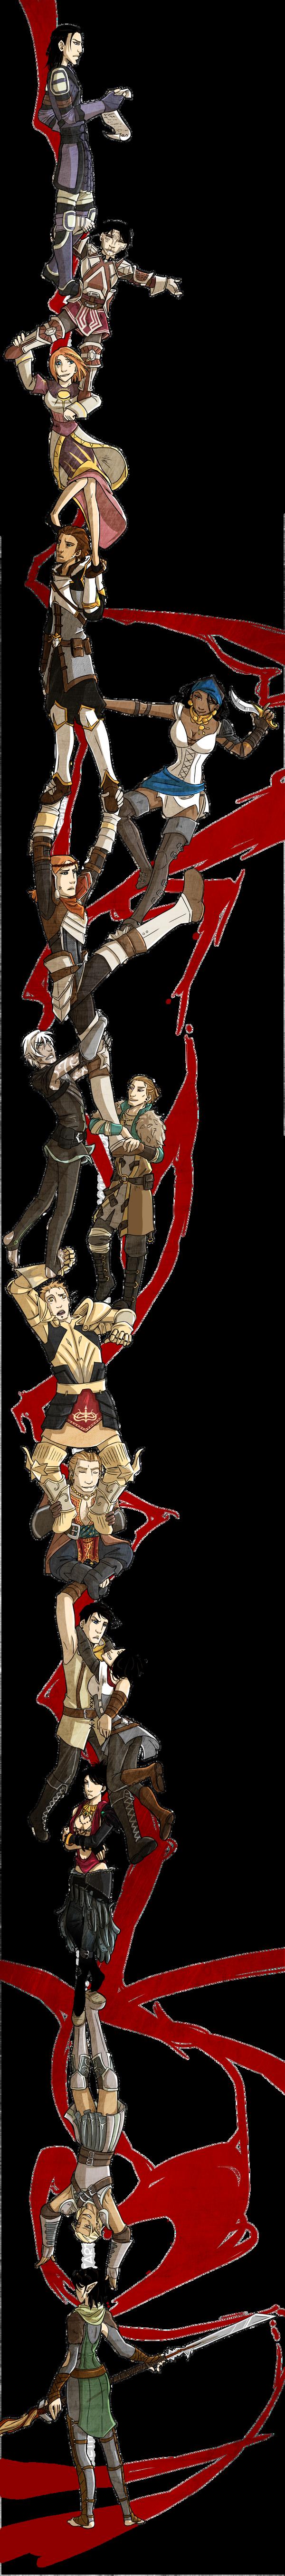 Durarara ED - Dragon Age style by Cah3thel